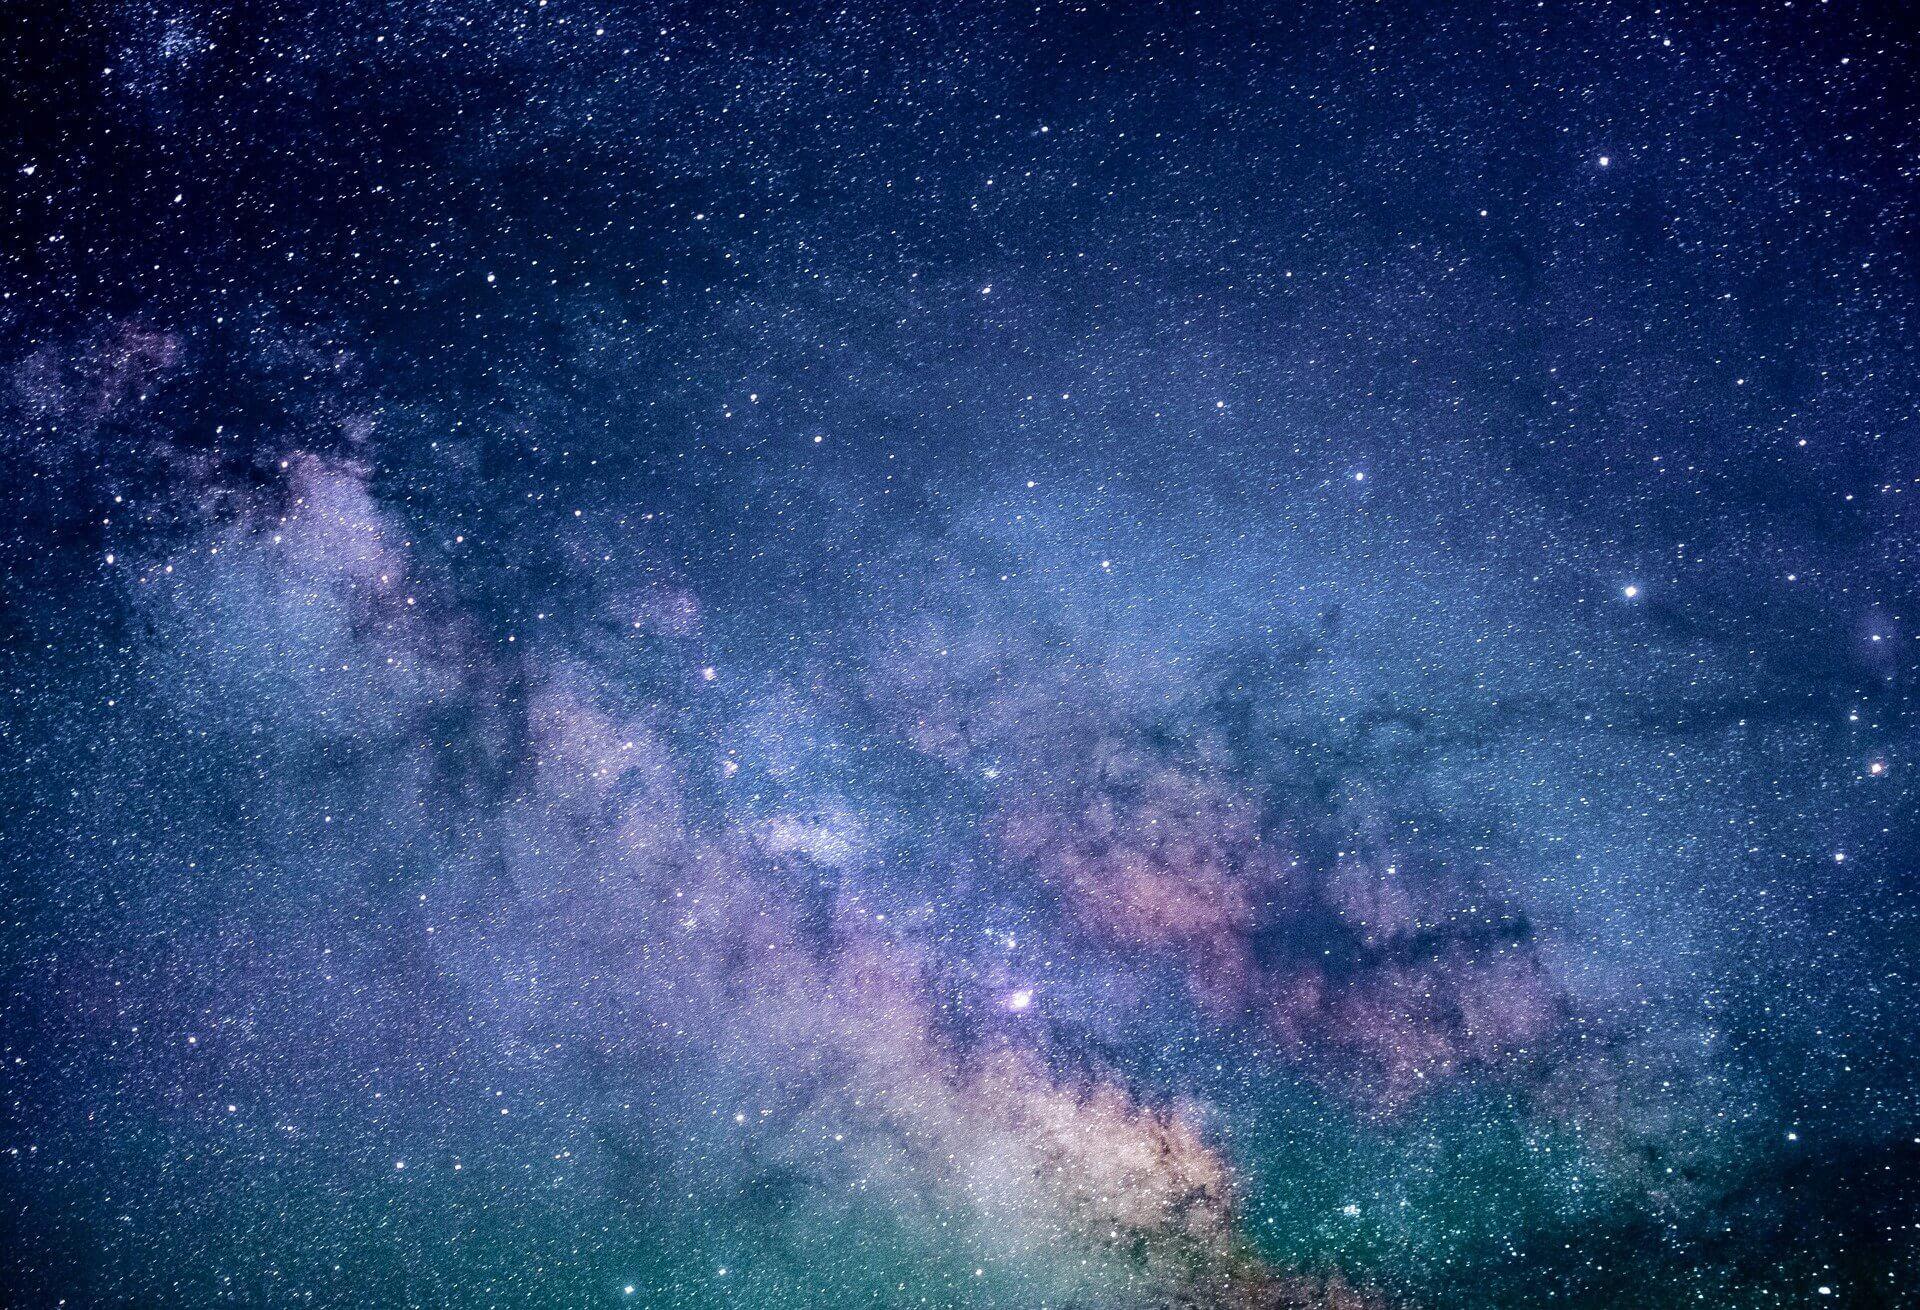 関東で天体観測するなら!極上の星空鑑賞スポット4選